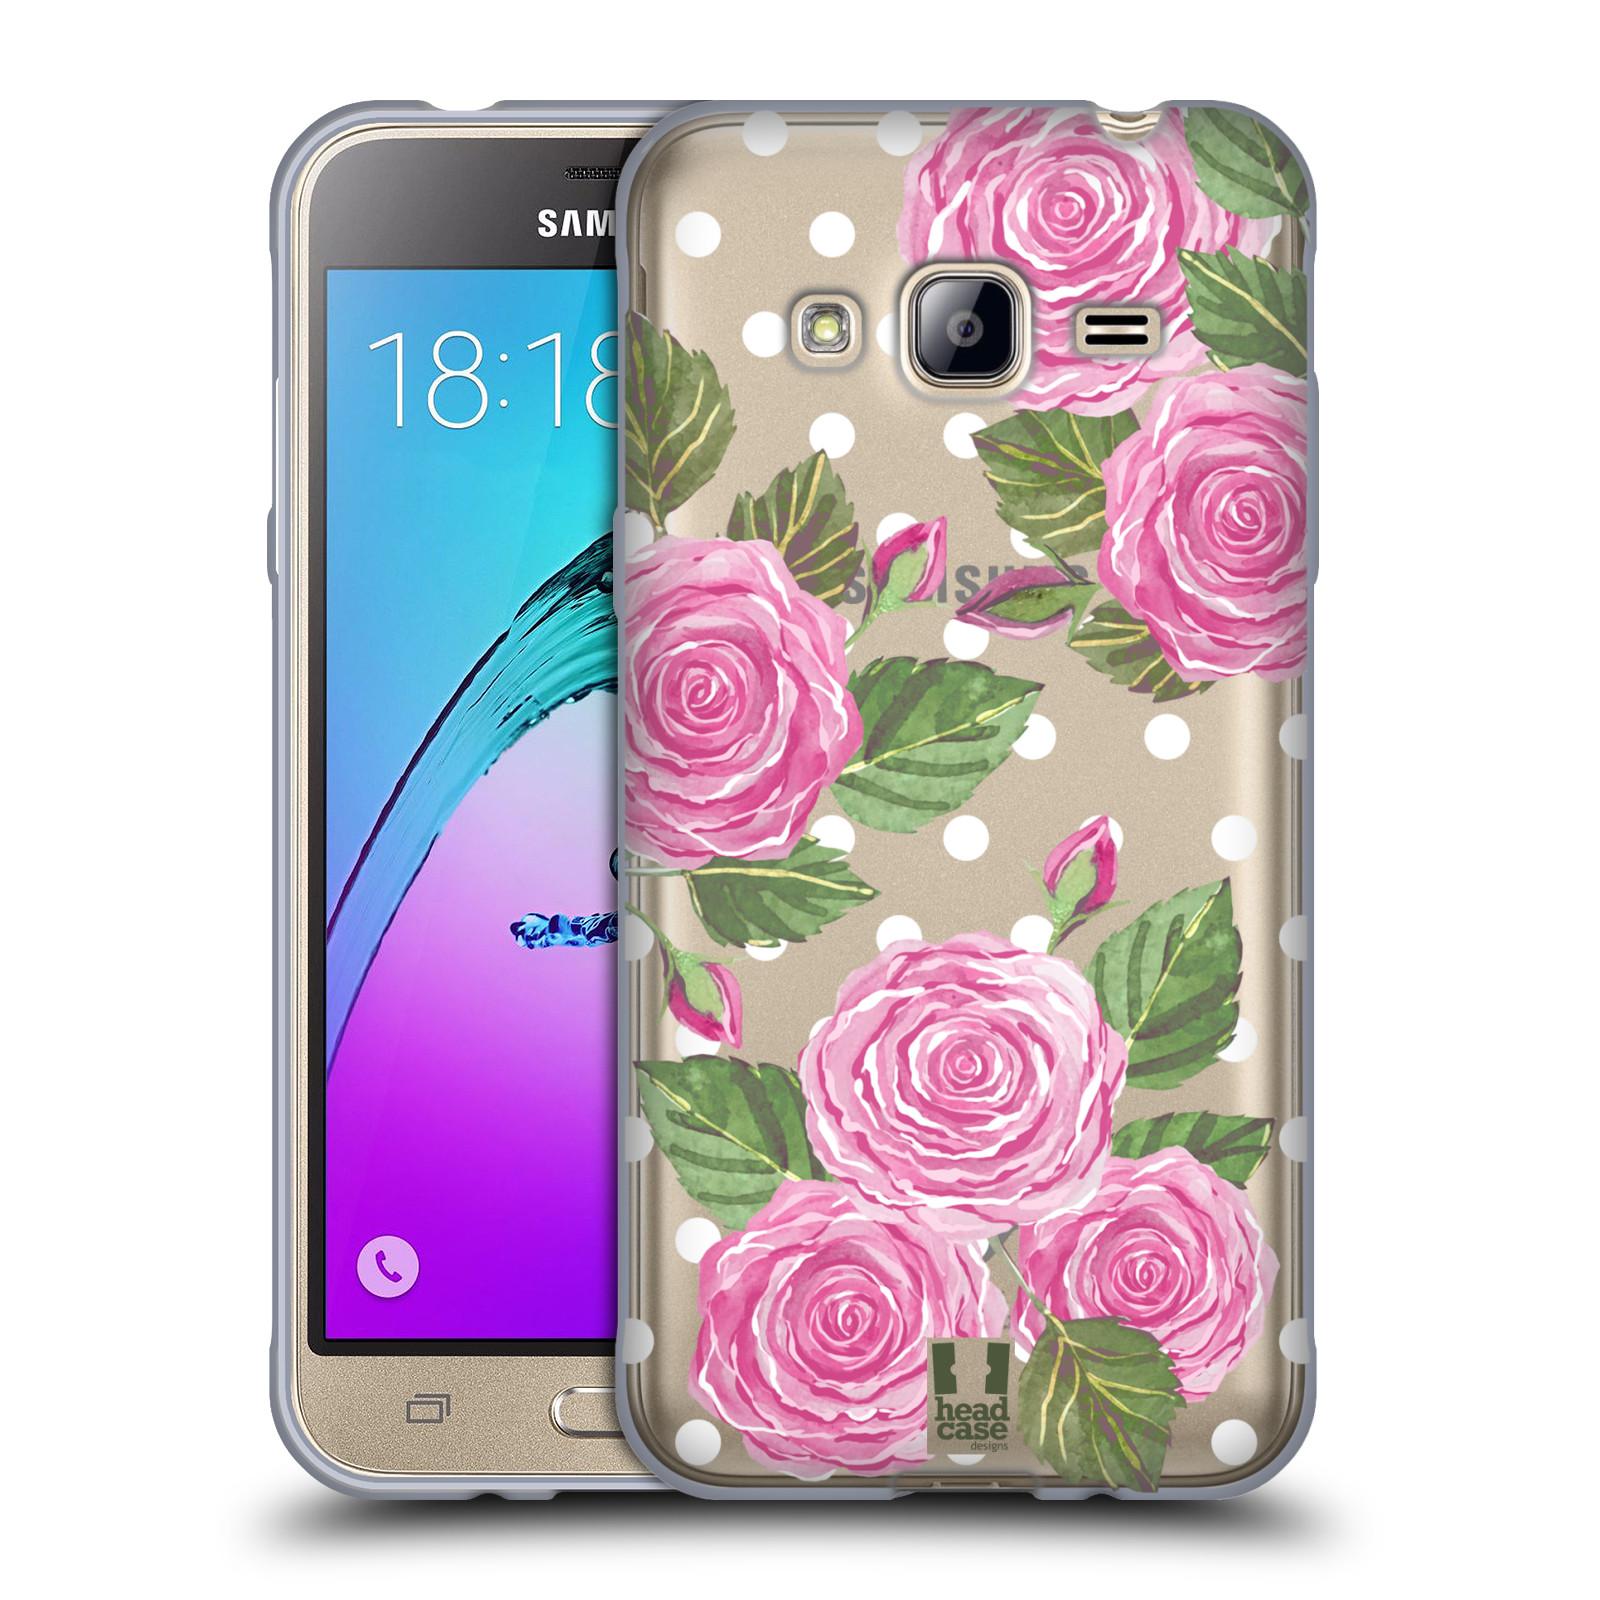 Silikonové pouzdro na mobil Samsung Galaxy J3 (2016) - Head Case - Hezoučké růžičky - průhledné